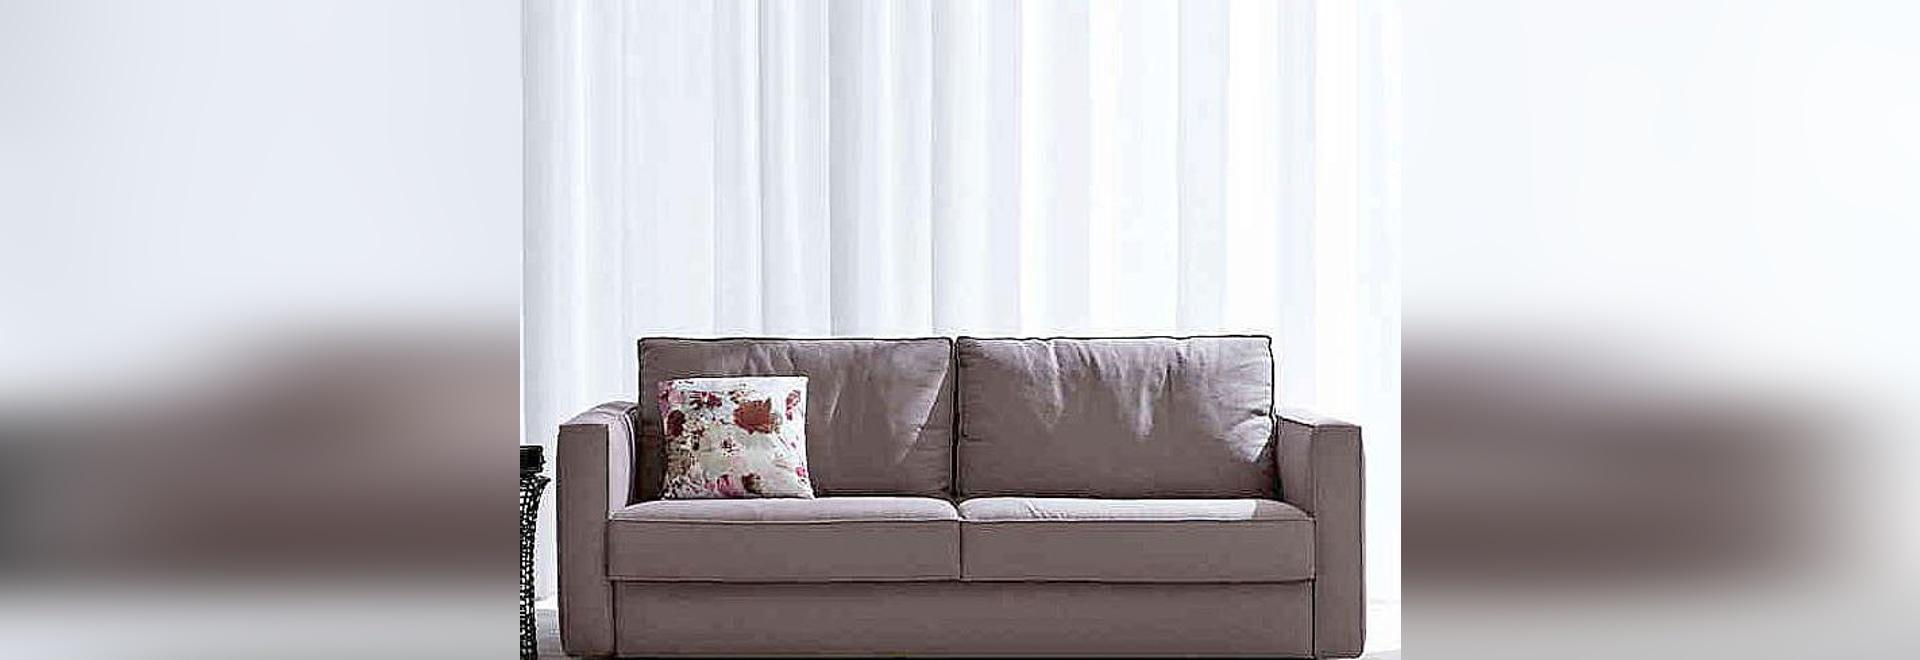 Gulliver, a sofa bed with an 18cm. mattress